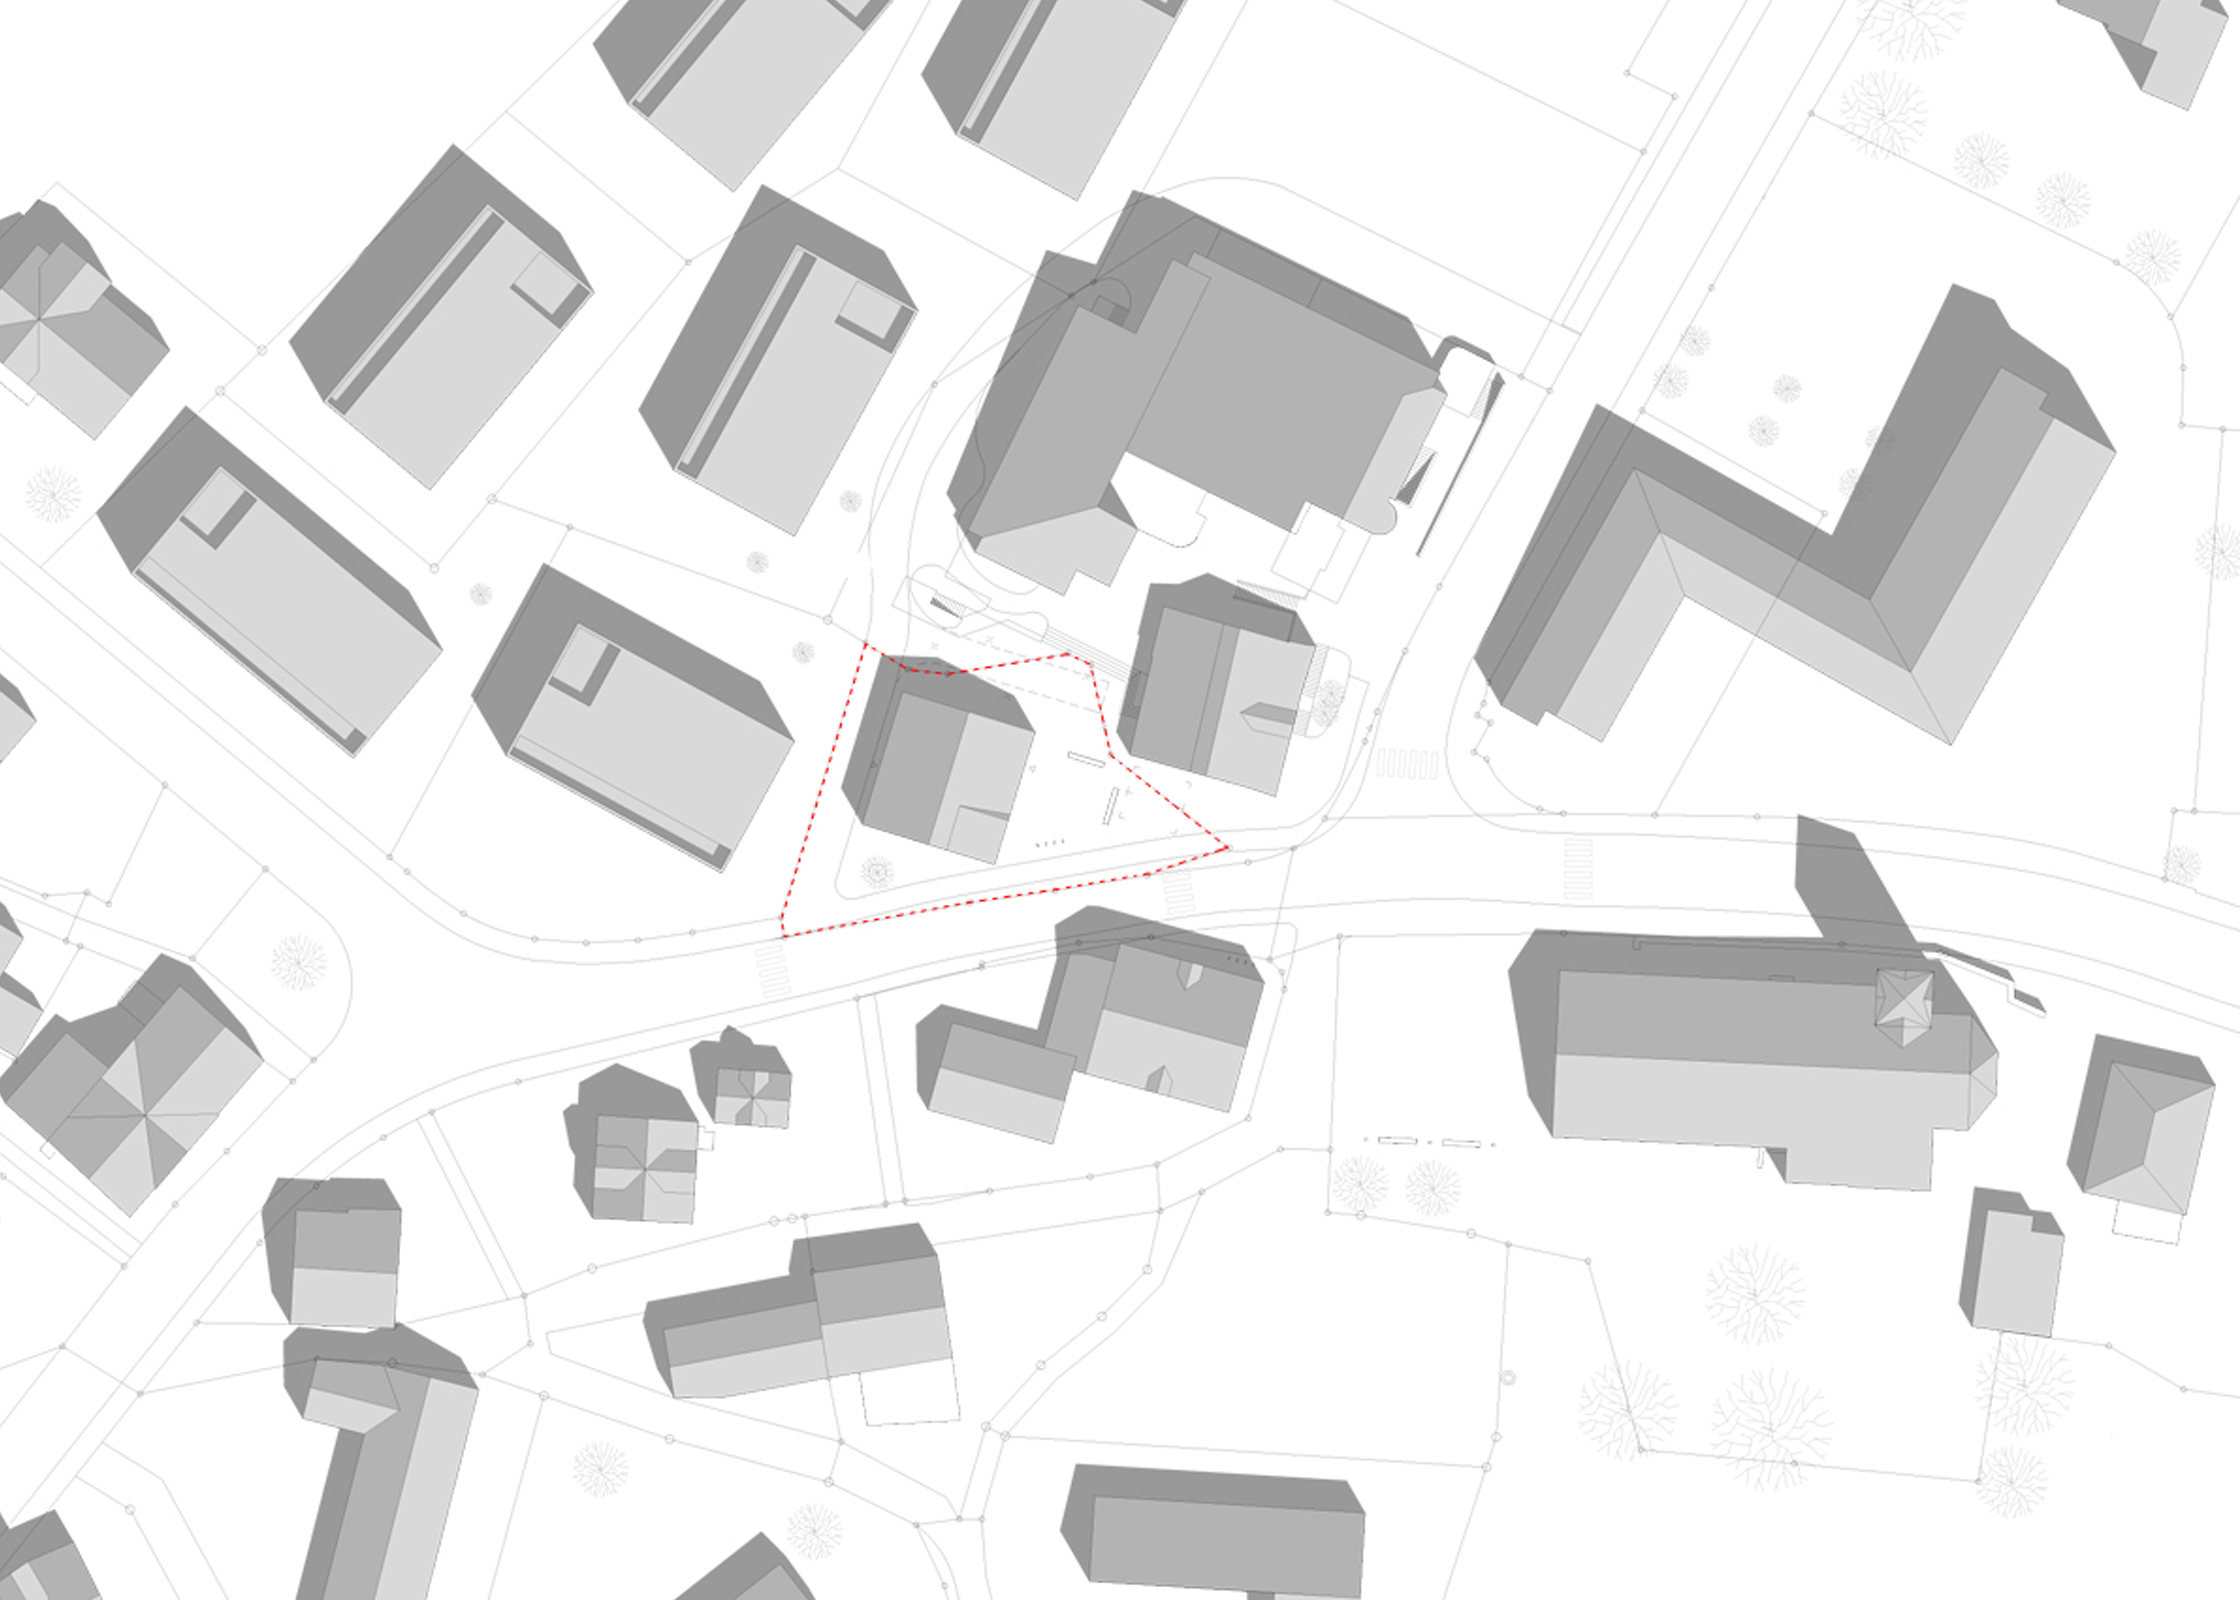 Zentrumsentwicklung Mörschwil, Eggenspieler Architekten AG